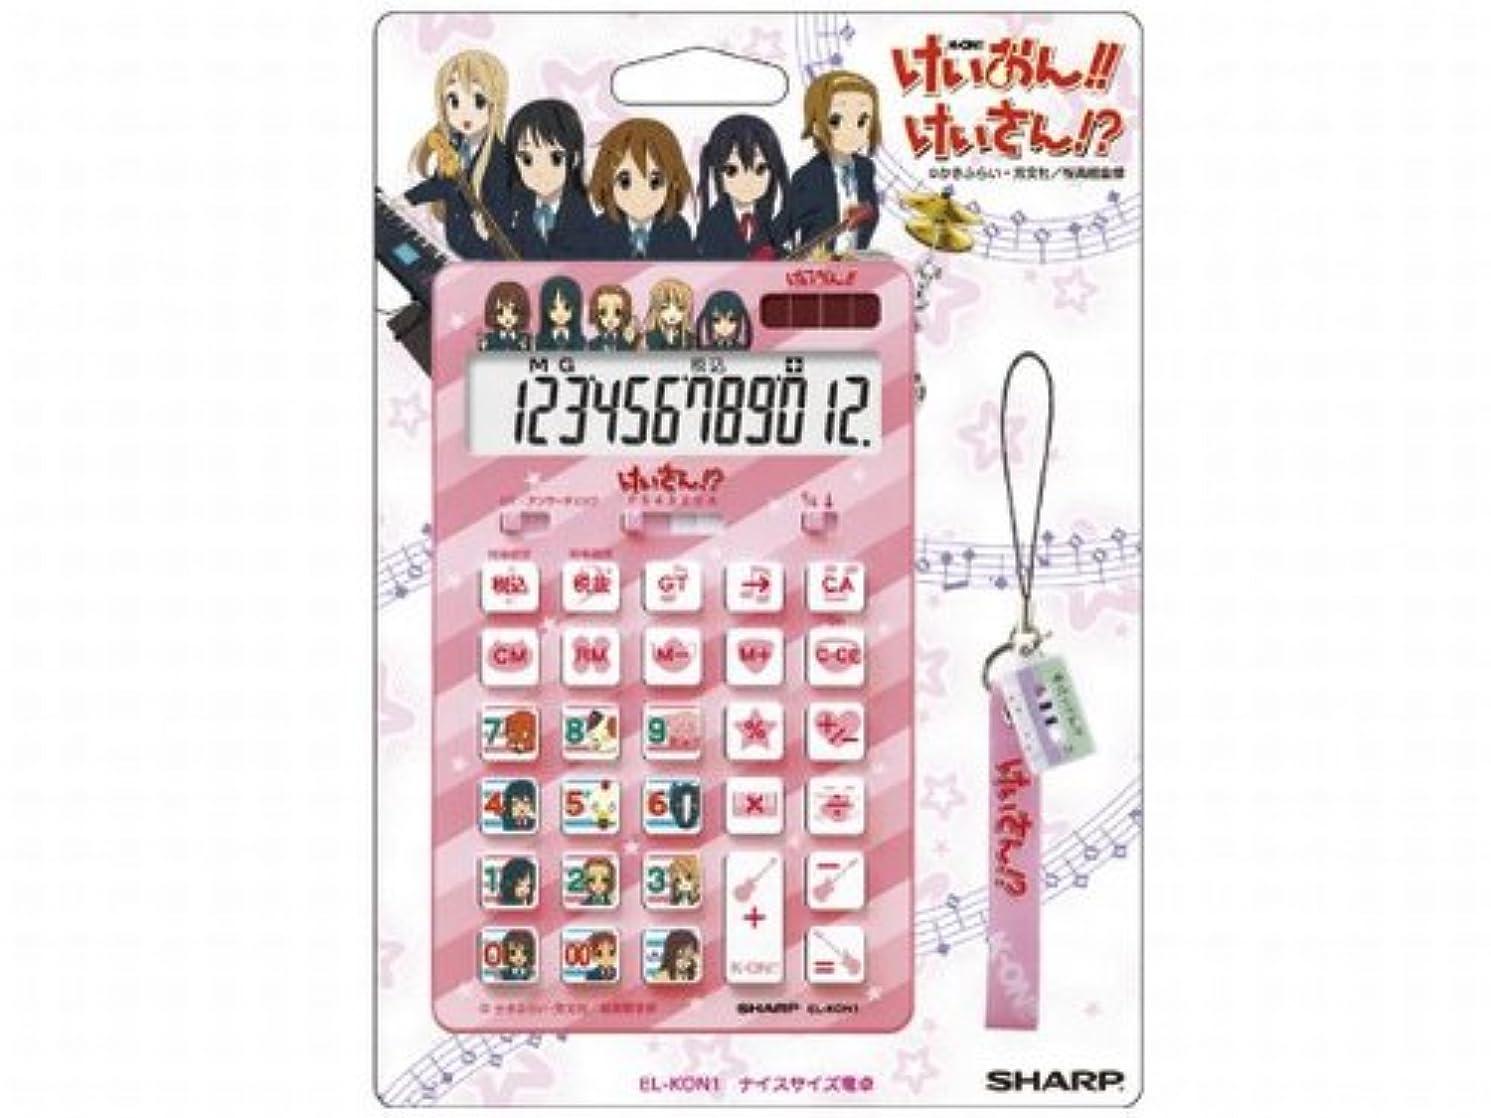 暖かさ音反乱シャープ キャラクター12桁ナイスサイズ電卓 「けいおん! ! 」ピンクタイプ 電卓 ストラップ付 EL-KON1